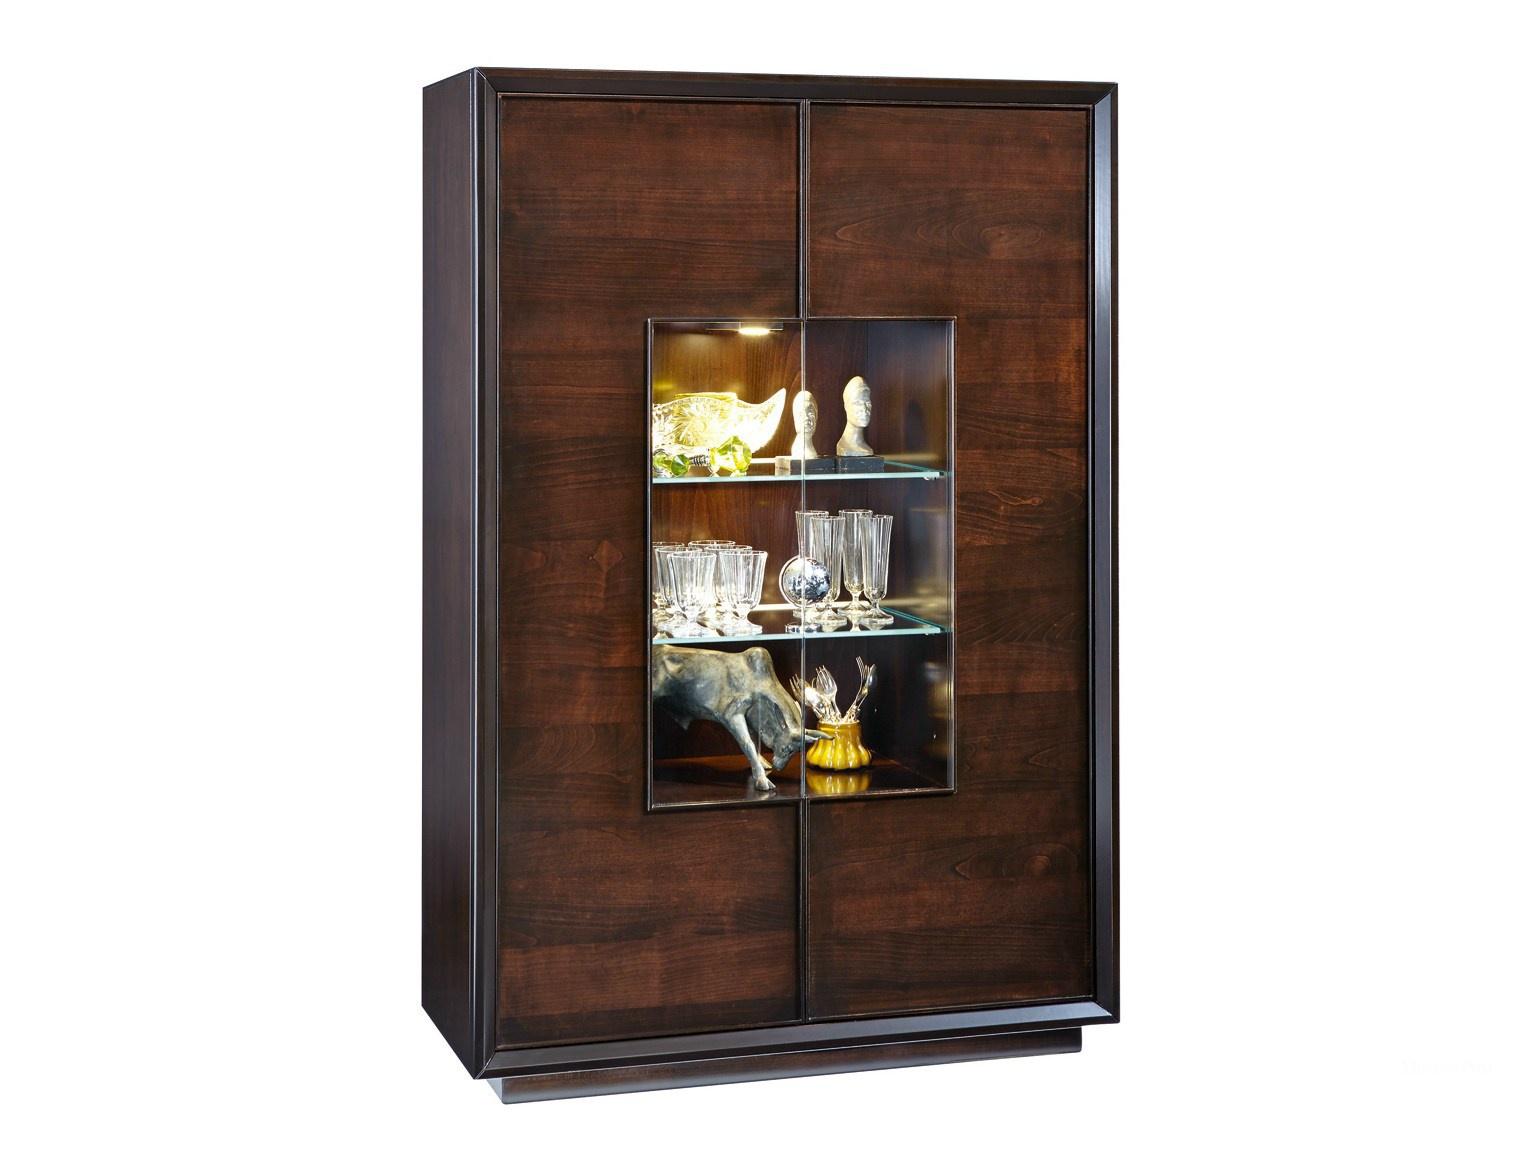 Барный шкаф с подсветкой Grace, Selva - Мебель МР